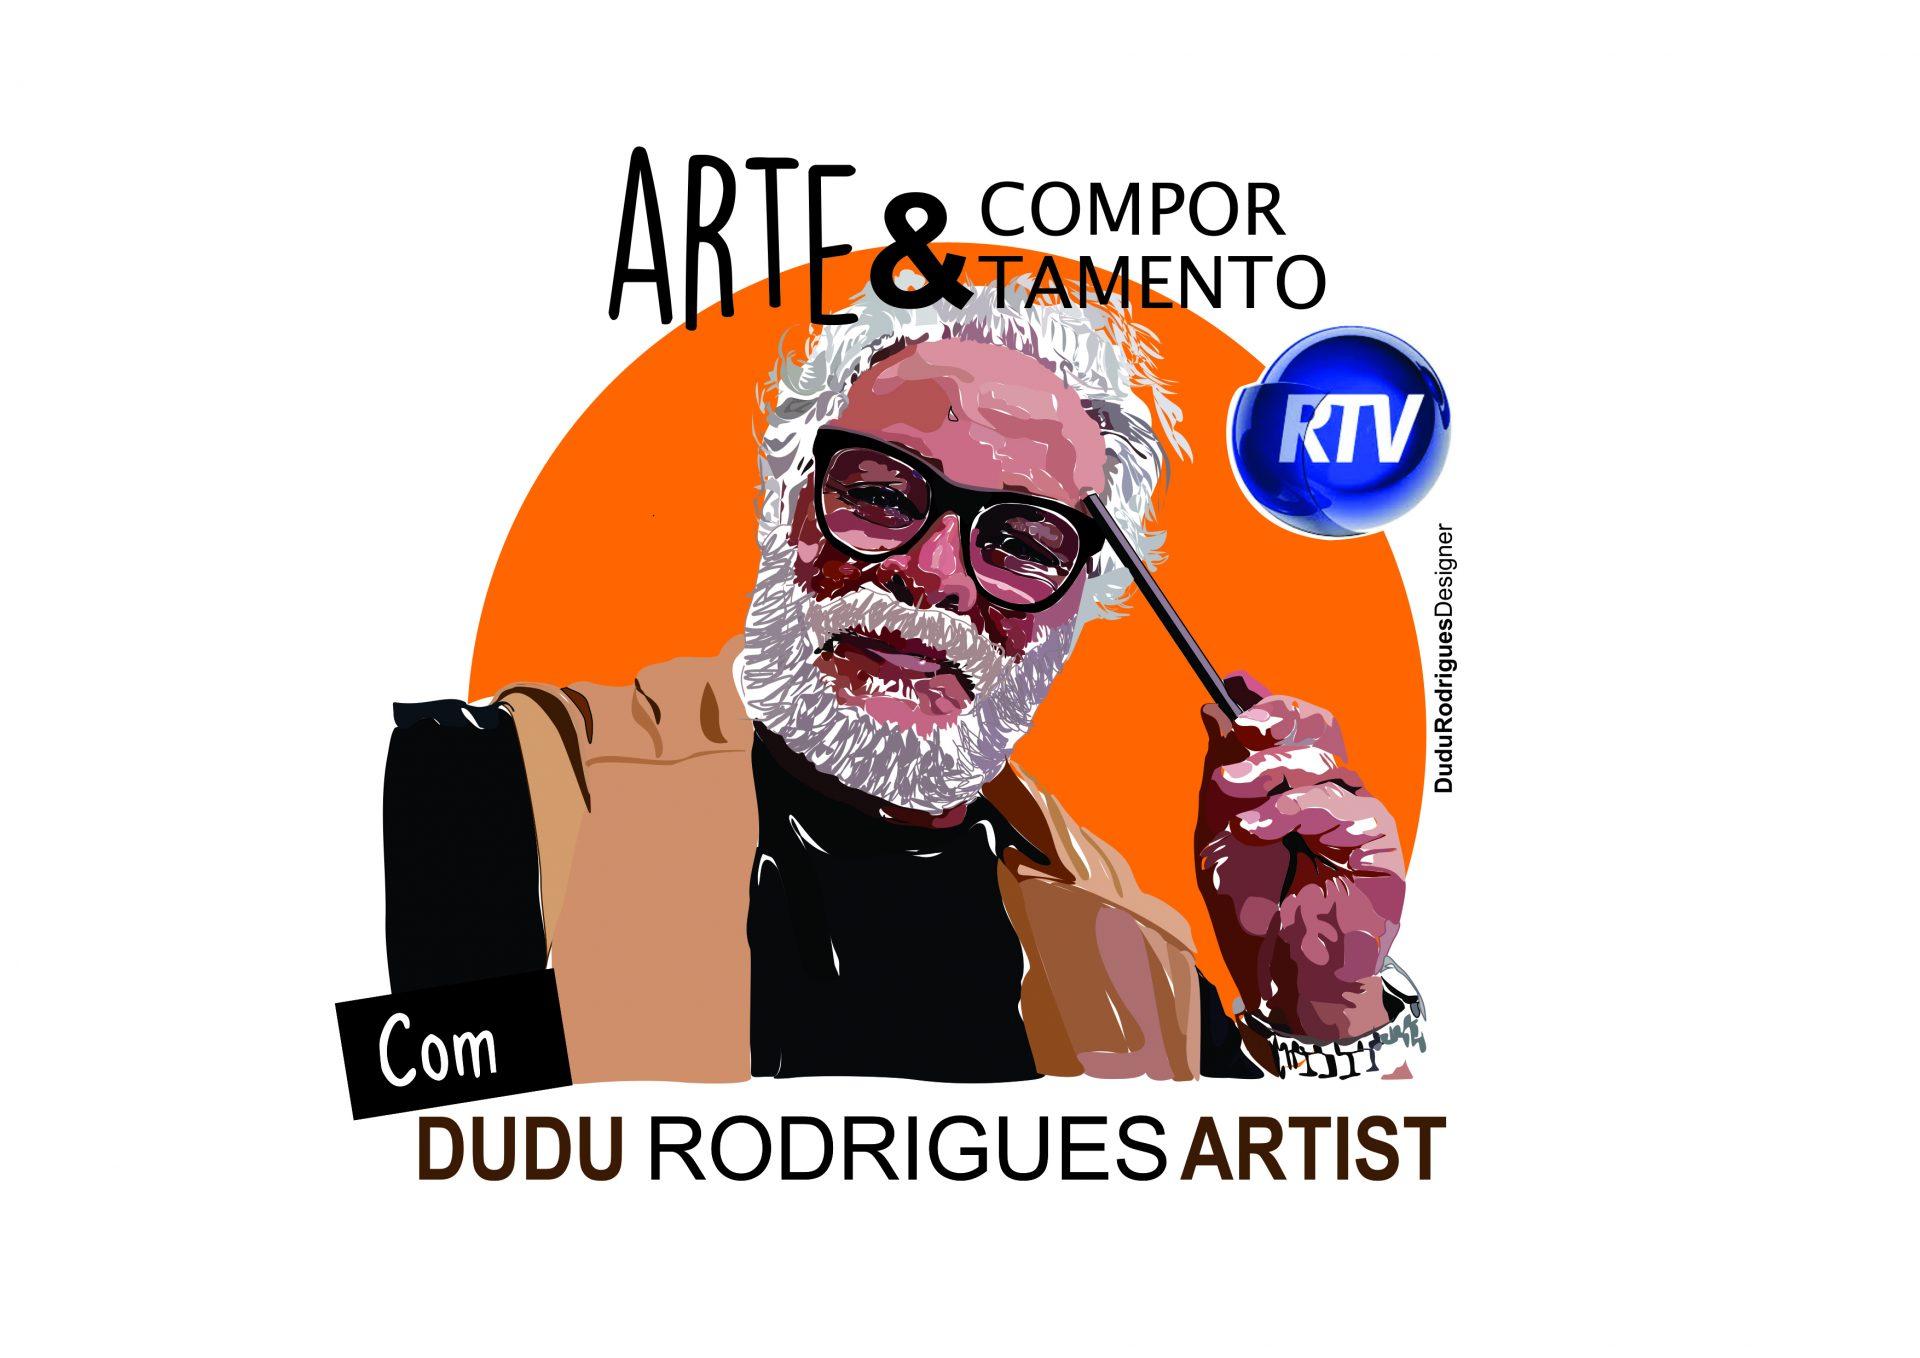 Programa Arte & Comportamento com Dudu Rodrigues Artist